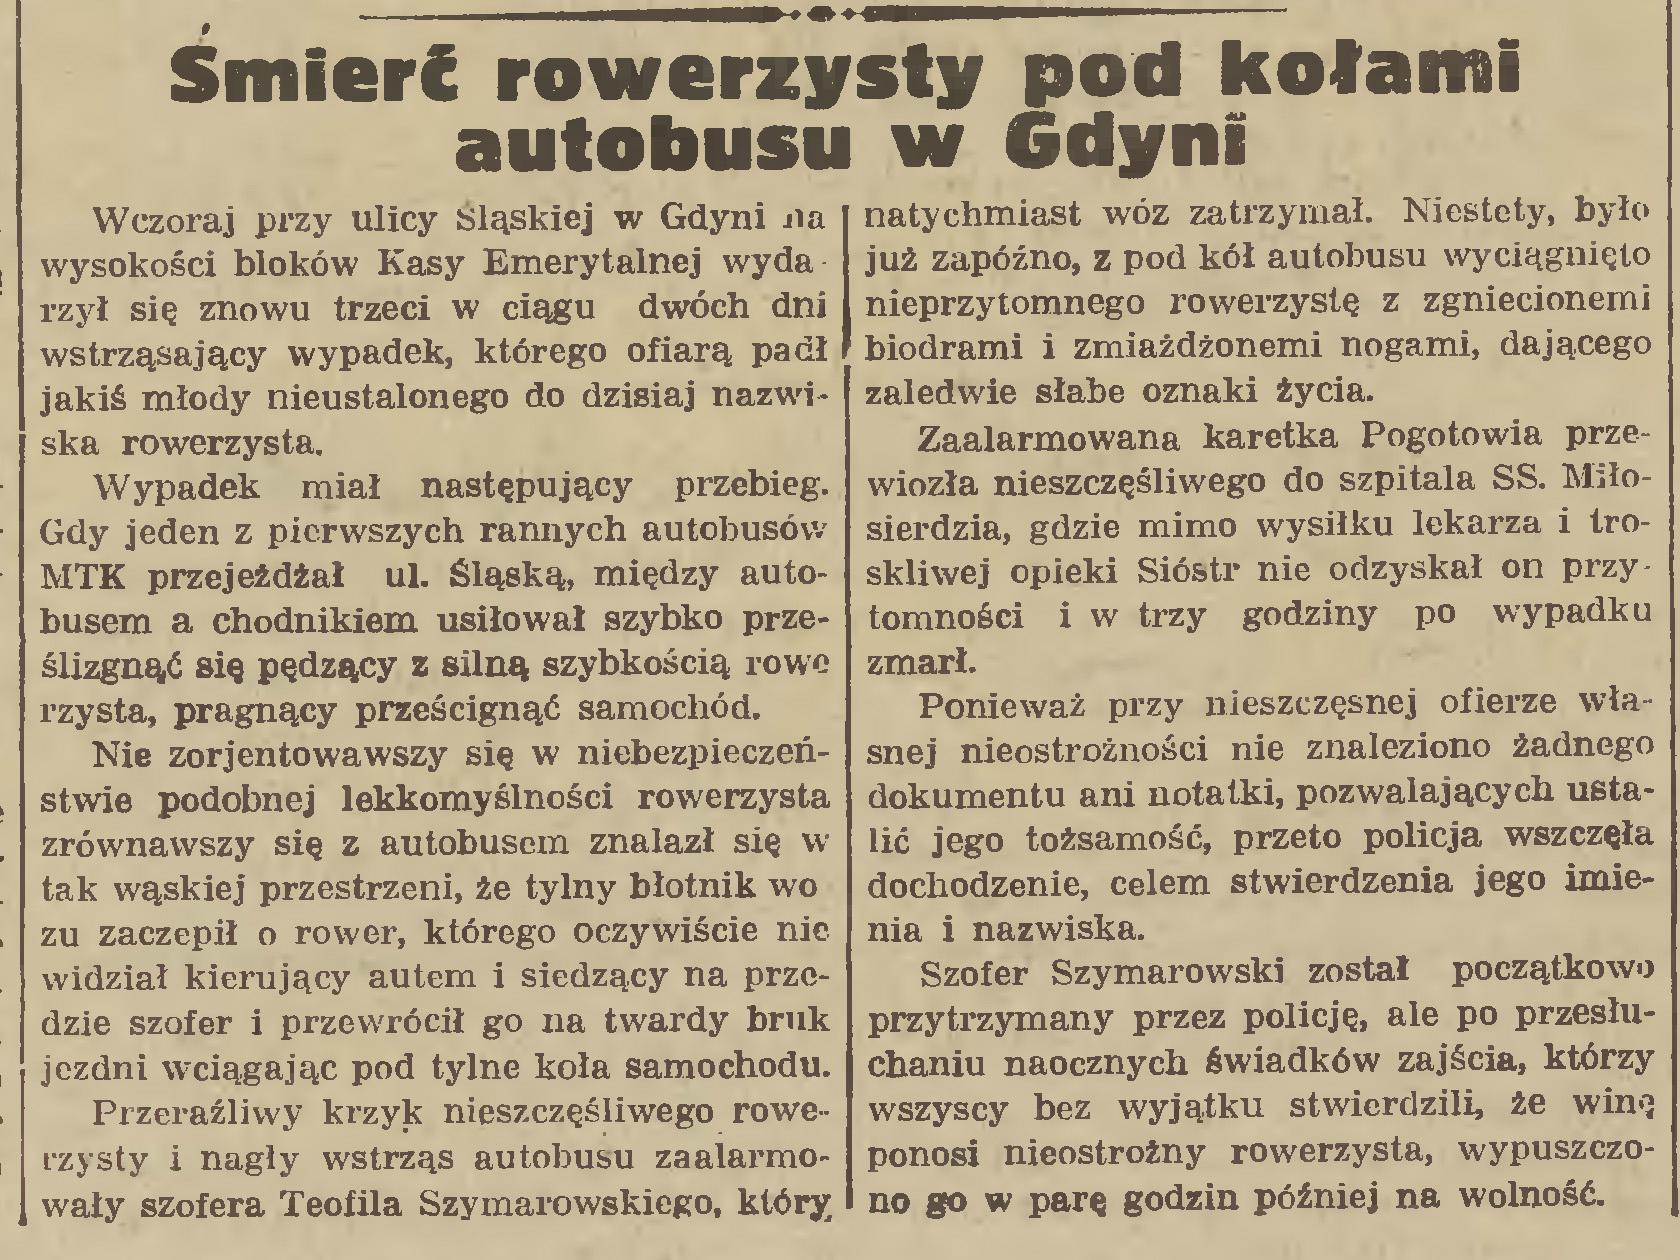 Śmierć rowerzysty pod kołami autobusu w Gdyni // Gazeta Gdańska. -1935, nr 127, s. 2